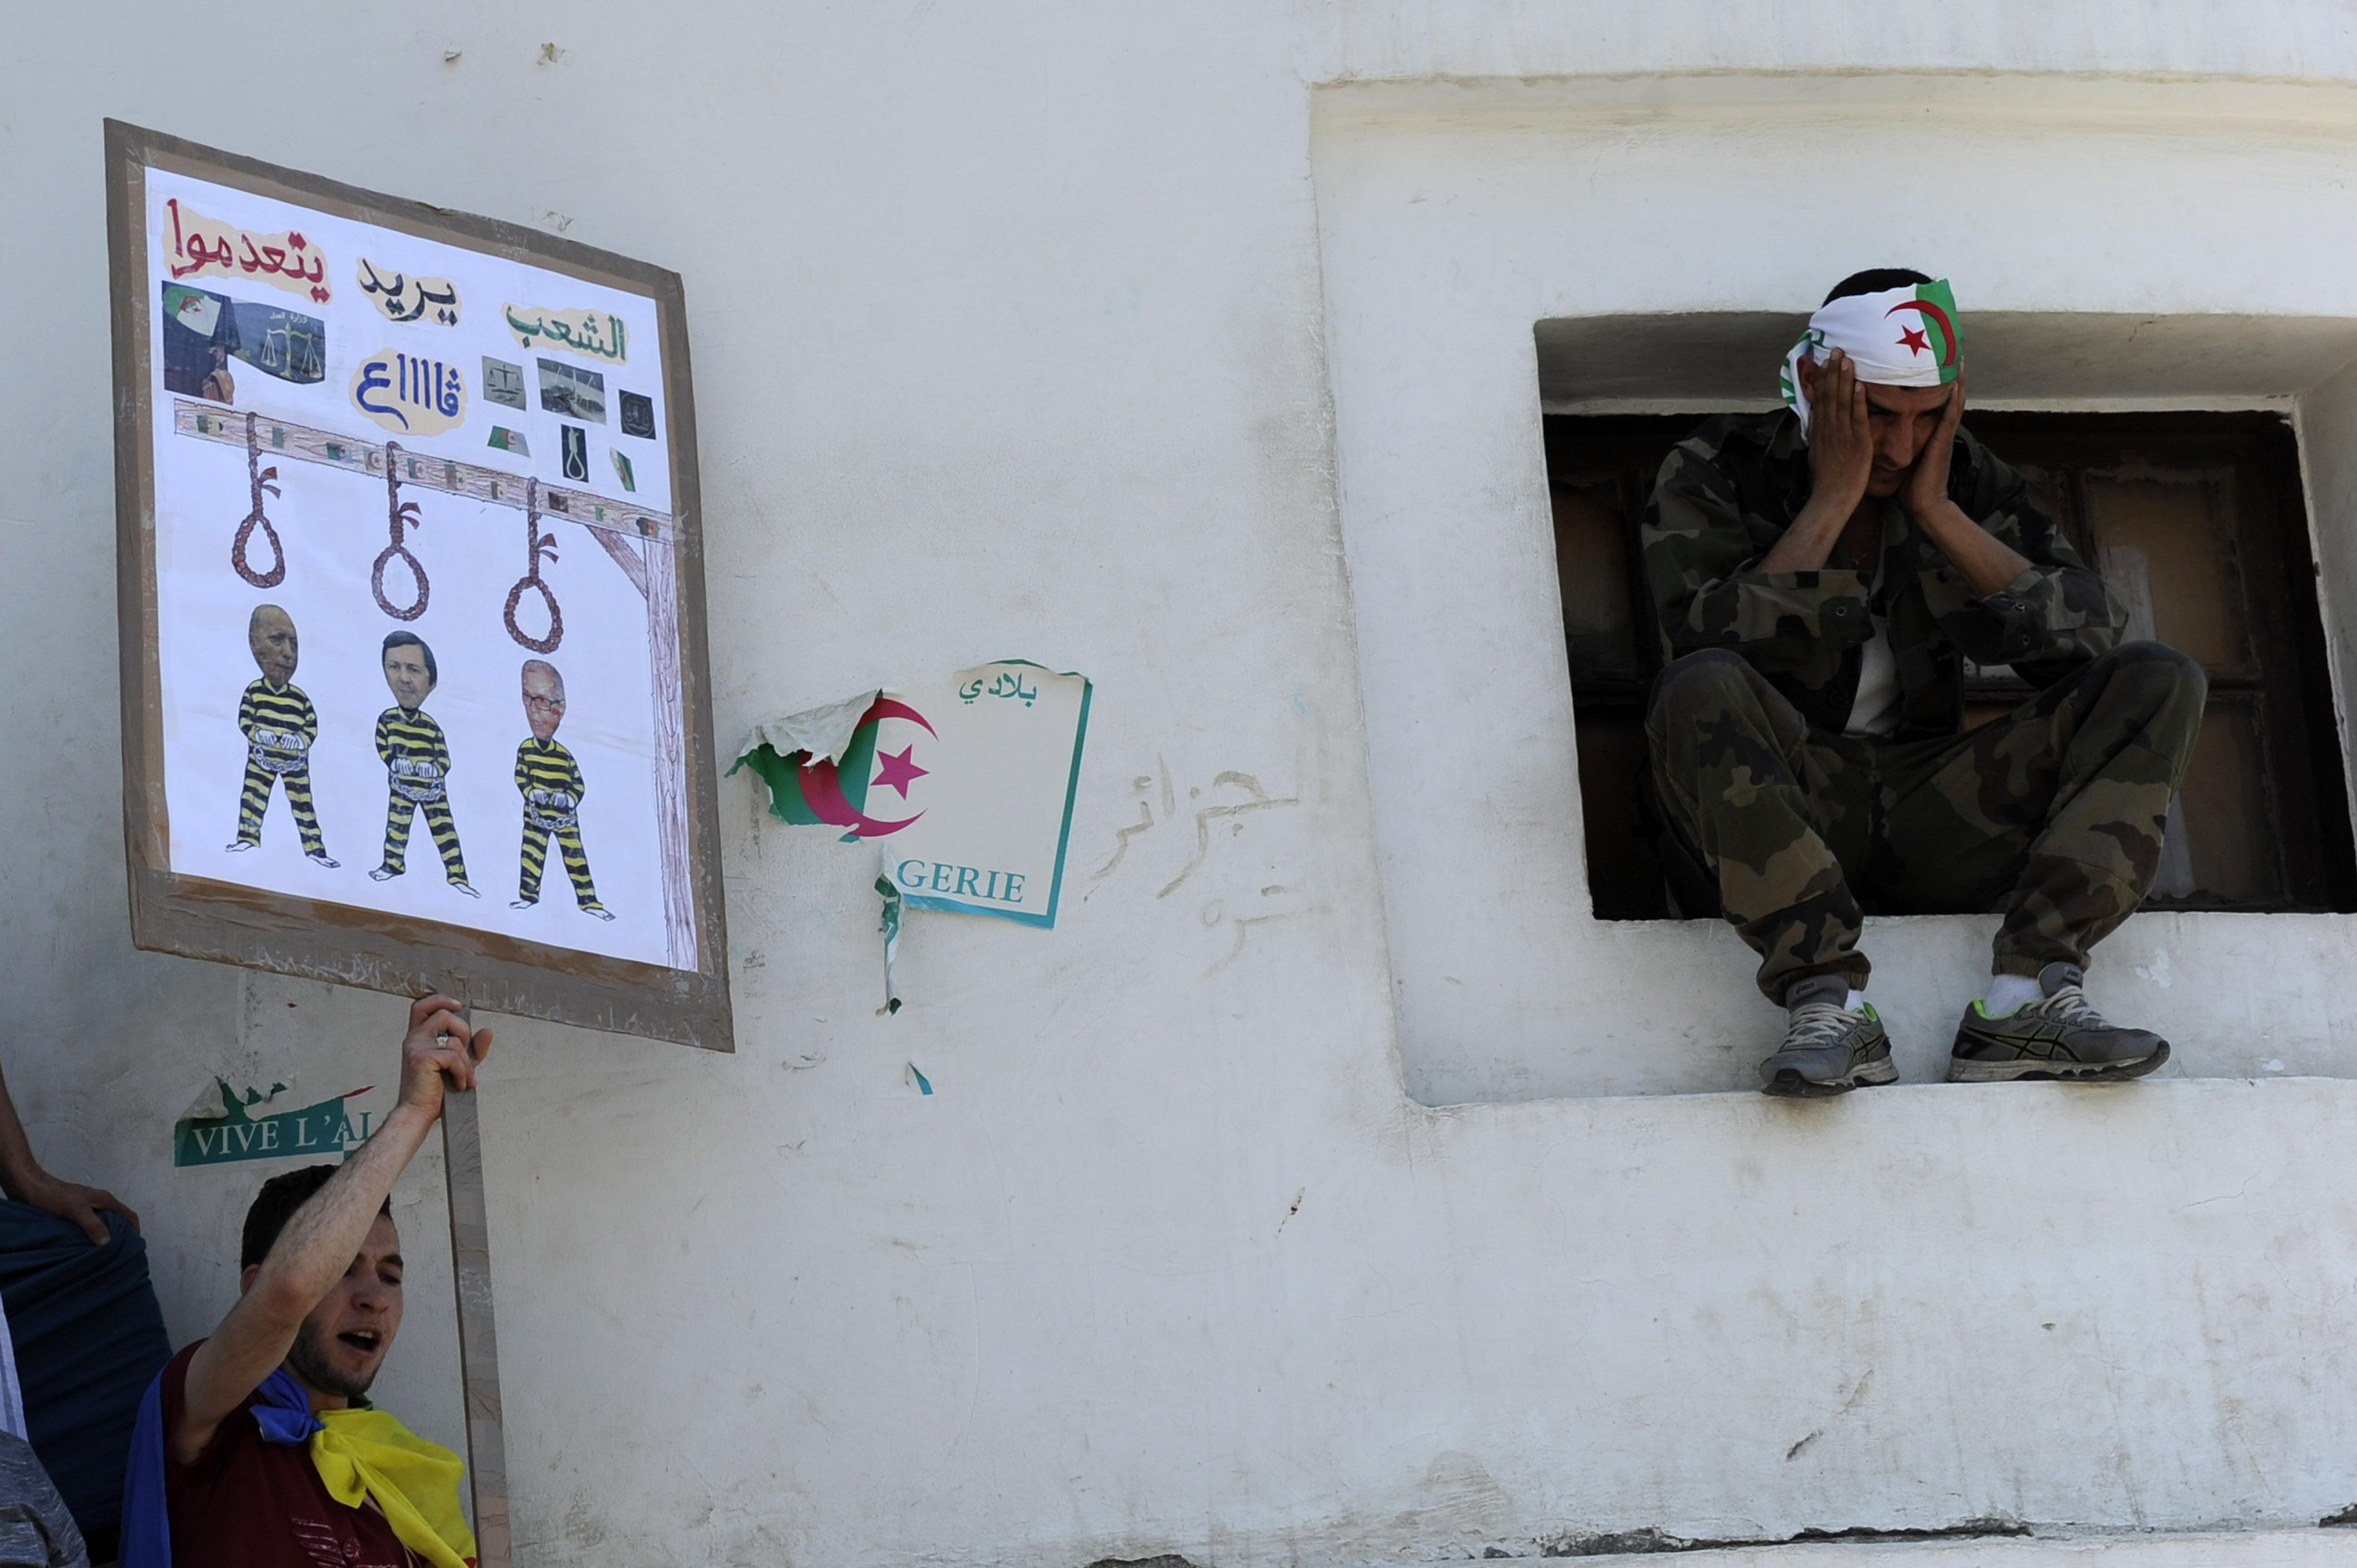 Après trois mois de mobilisation, les manifestants demandent l'exécution des figures du régime de Bouteflika.